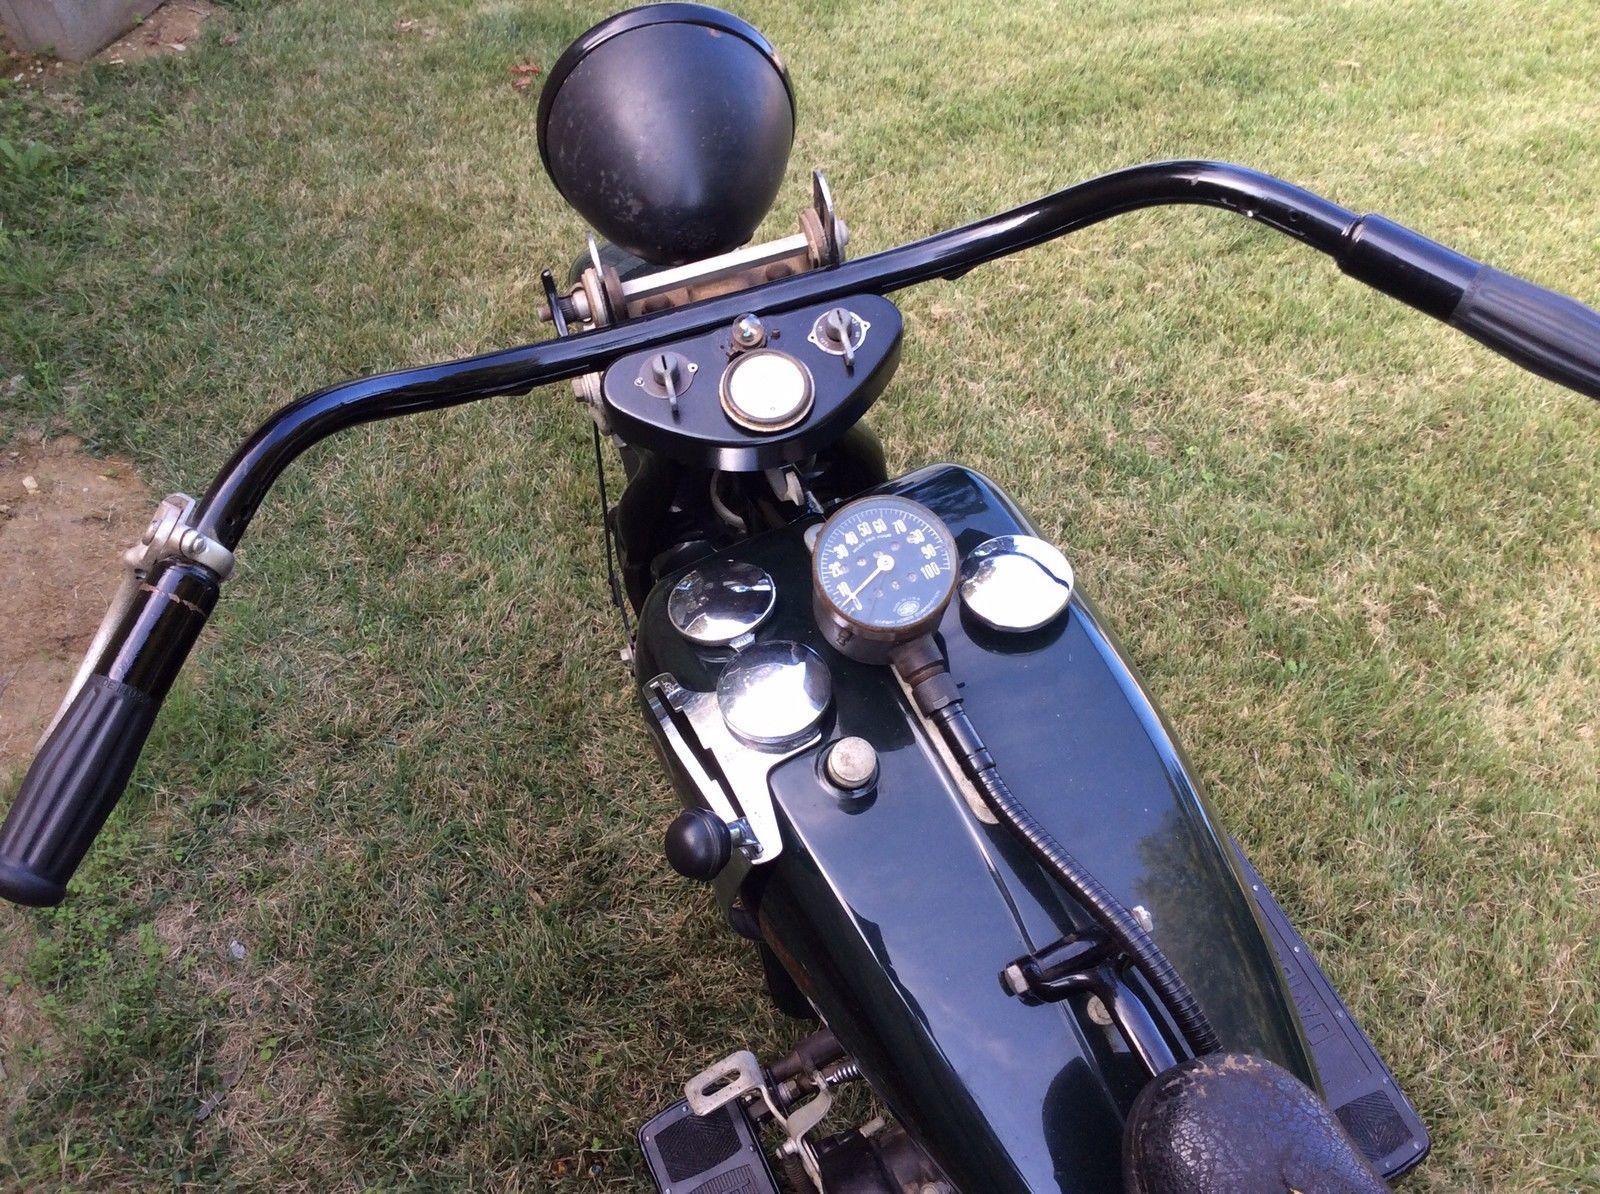 Harley Davidson Value